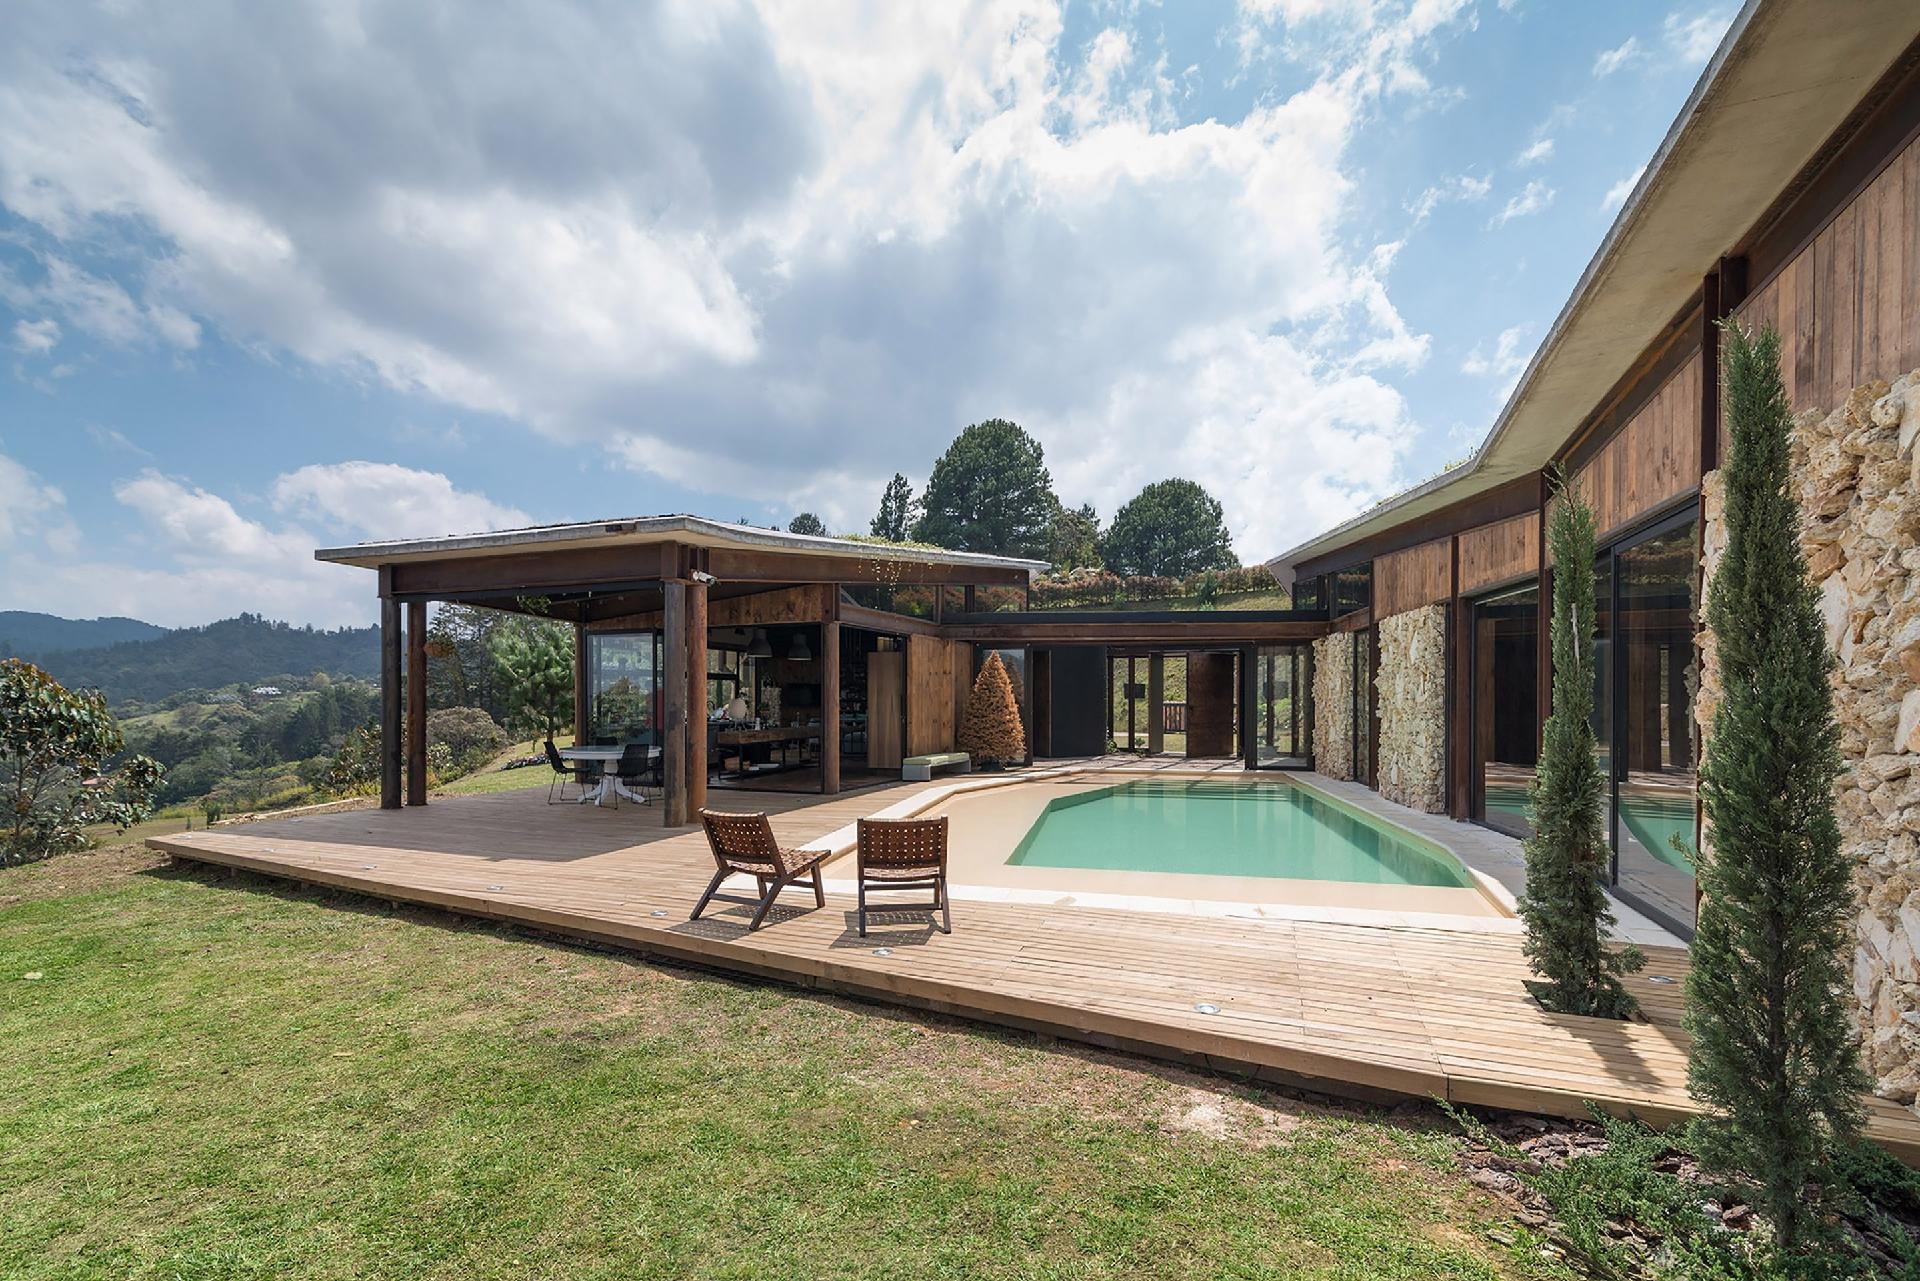 A casa Gozu, do coletivo colombiano de arquitetos OPUS, fica em um condomínio de El Retiro, Antioquia, região montanhosa da Colômbia. A construção está a 2.220 m de altura e o entorno de bosques confirma a posição privilegiada quanto à vista, incidência de ventos e natureza exuberante